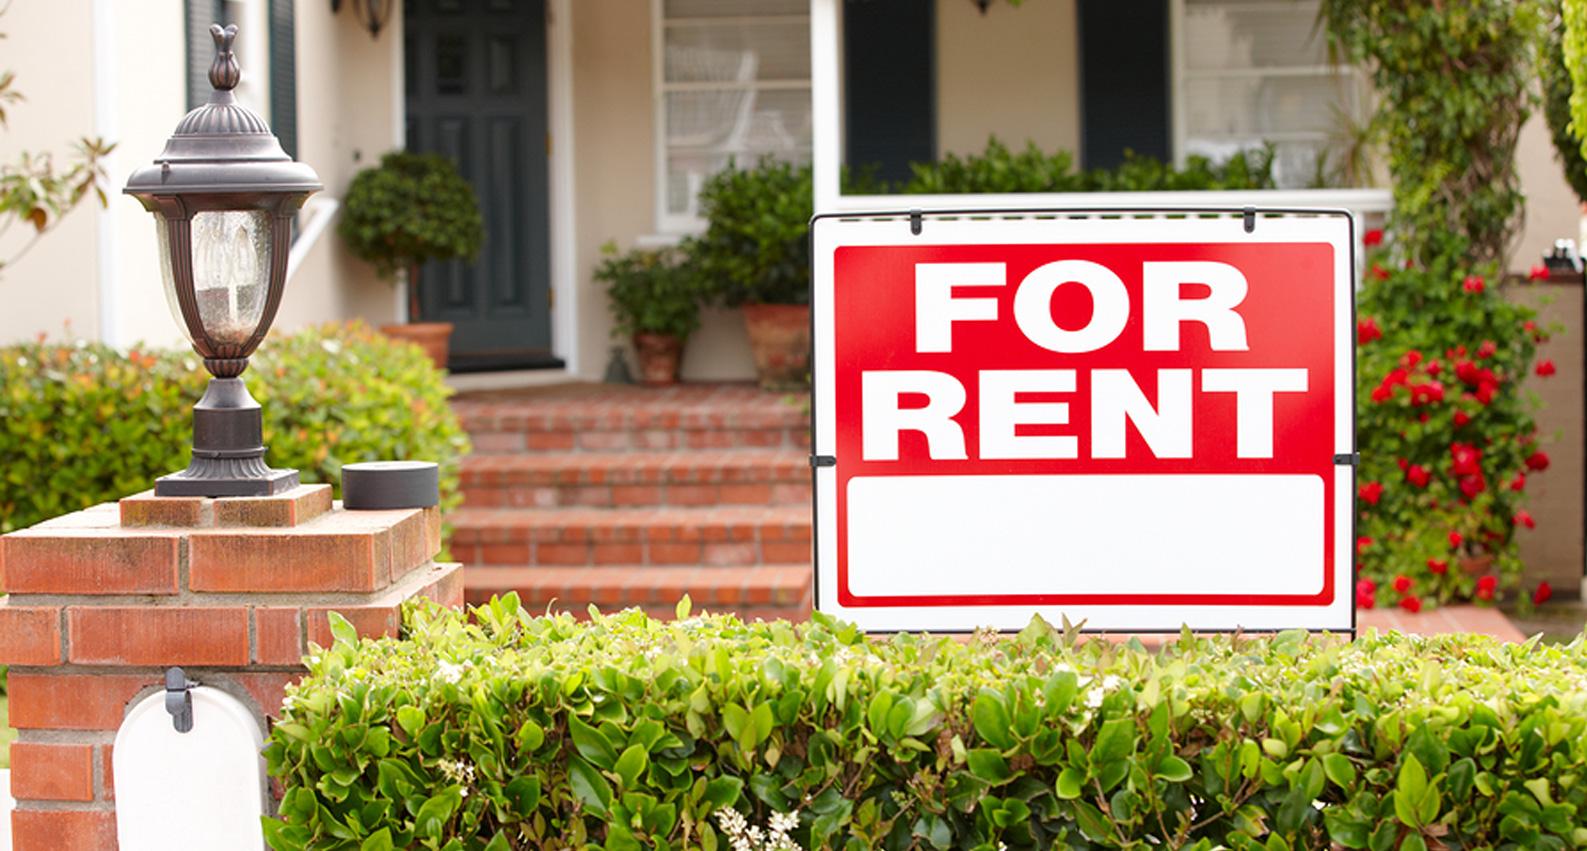 property management referral program in Denver CO for agents and REALTORS&reg